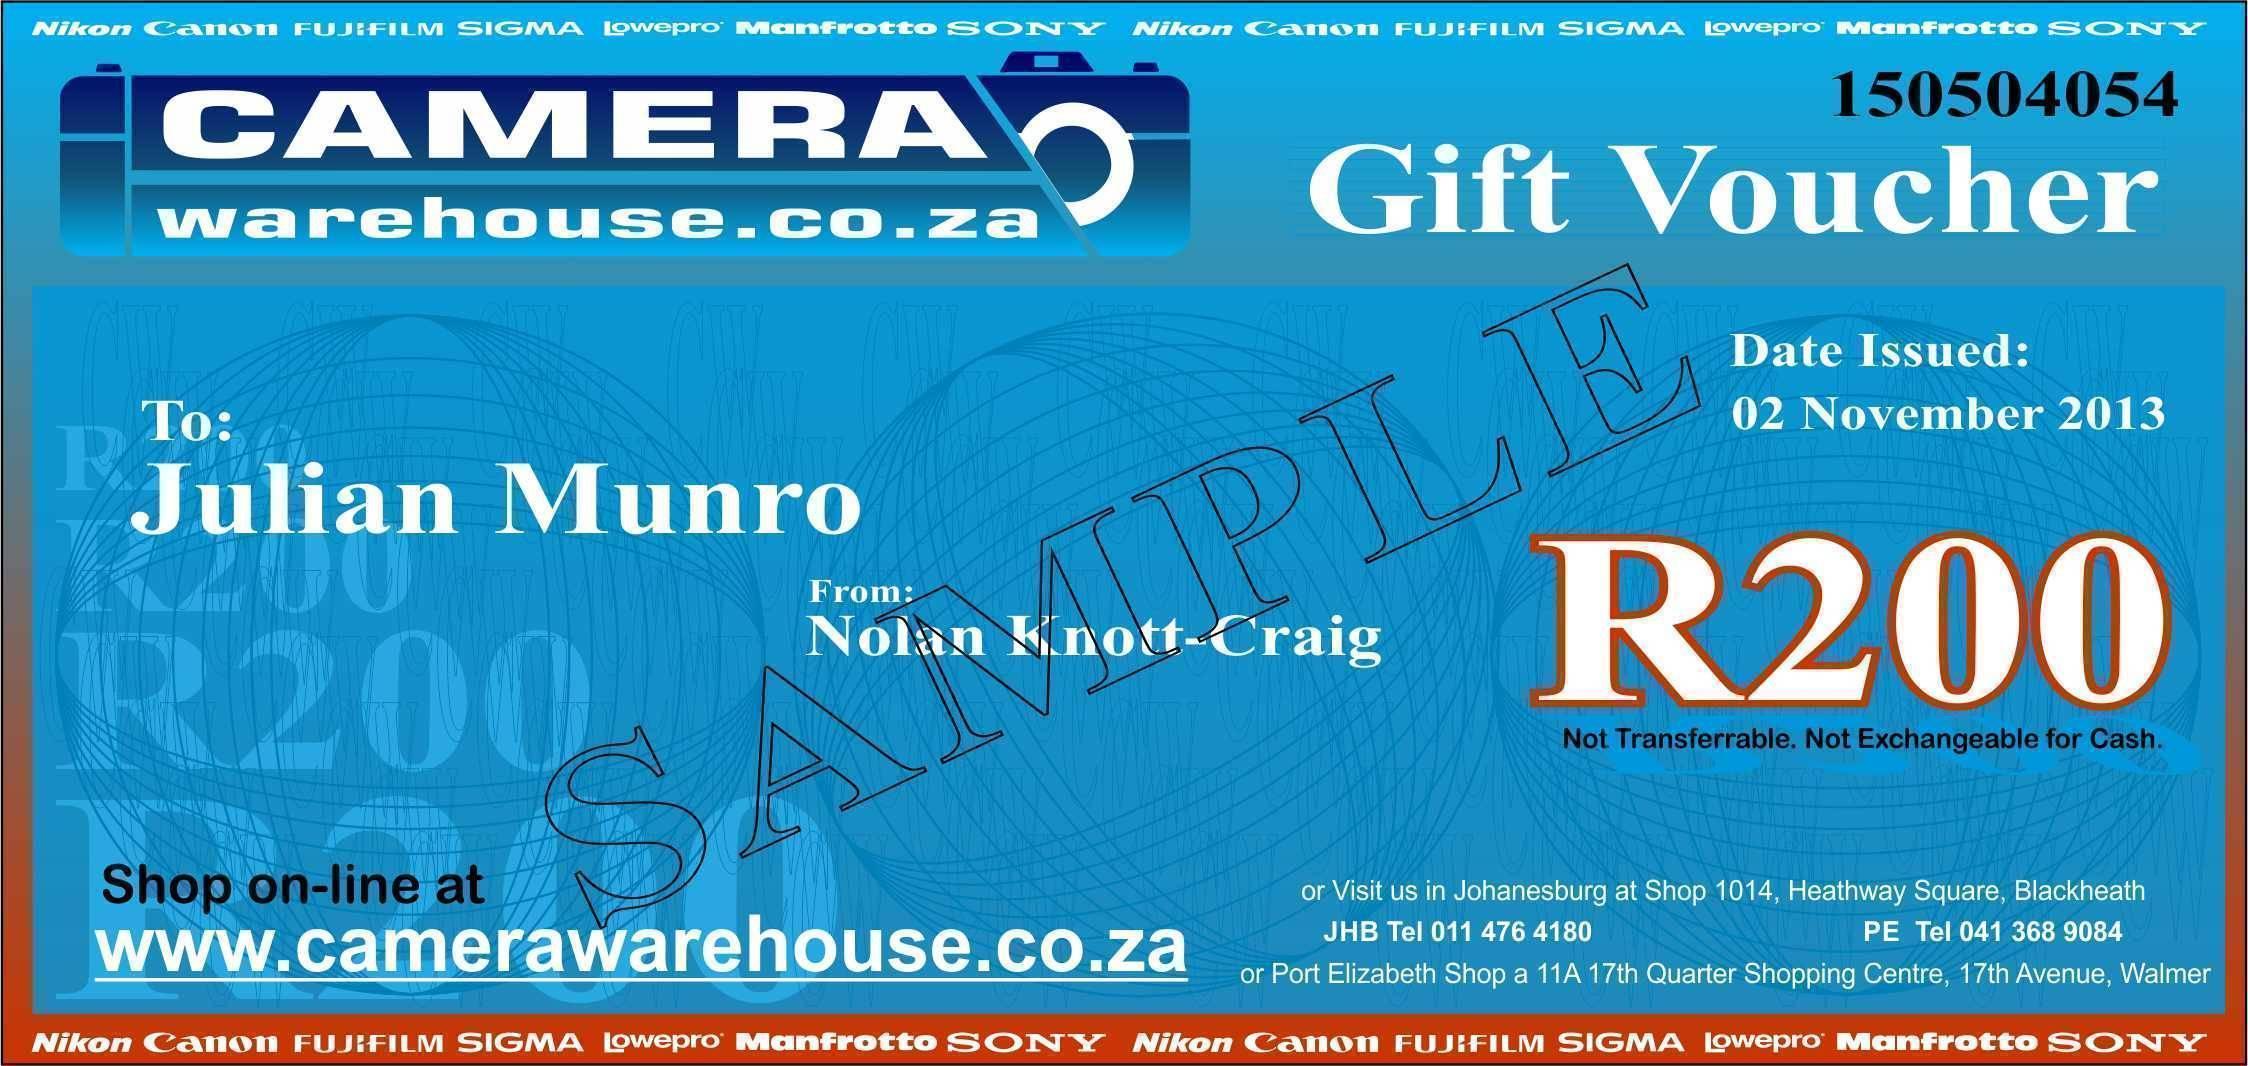 Gift Voucher R200.00